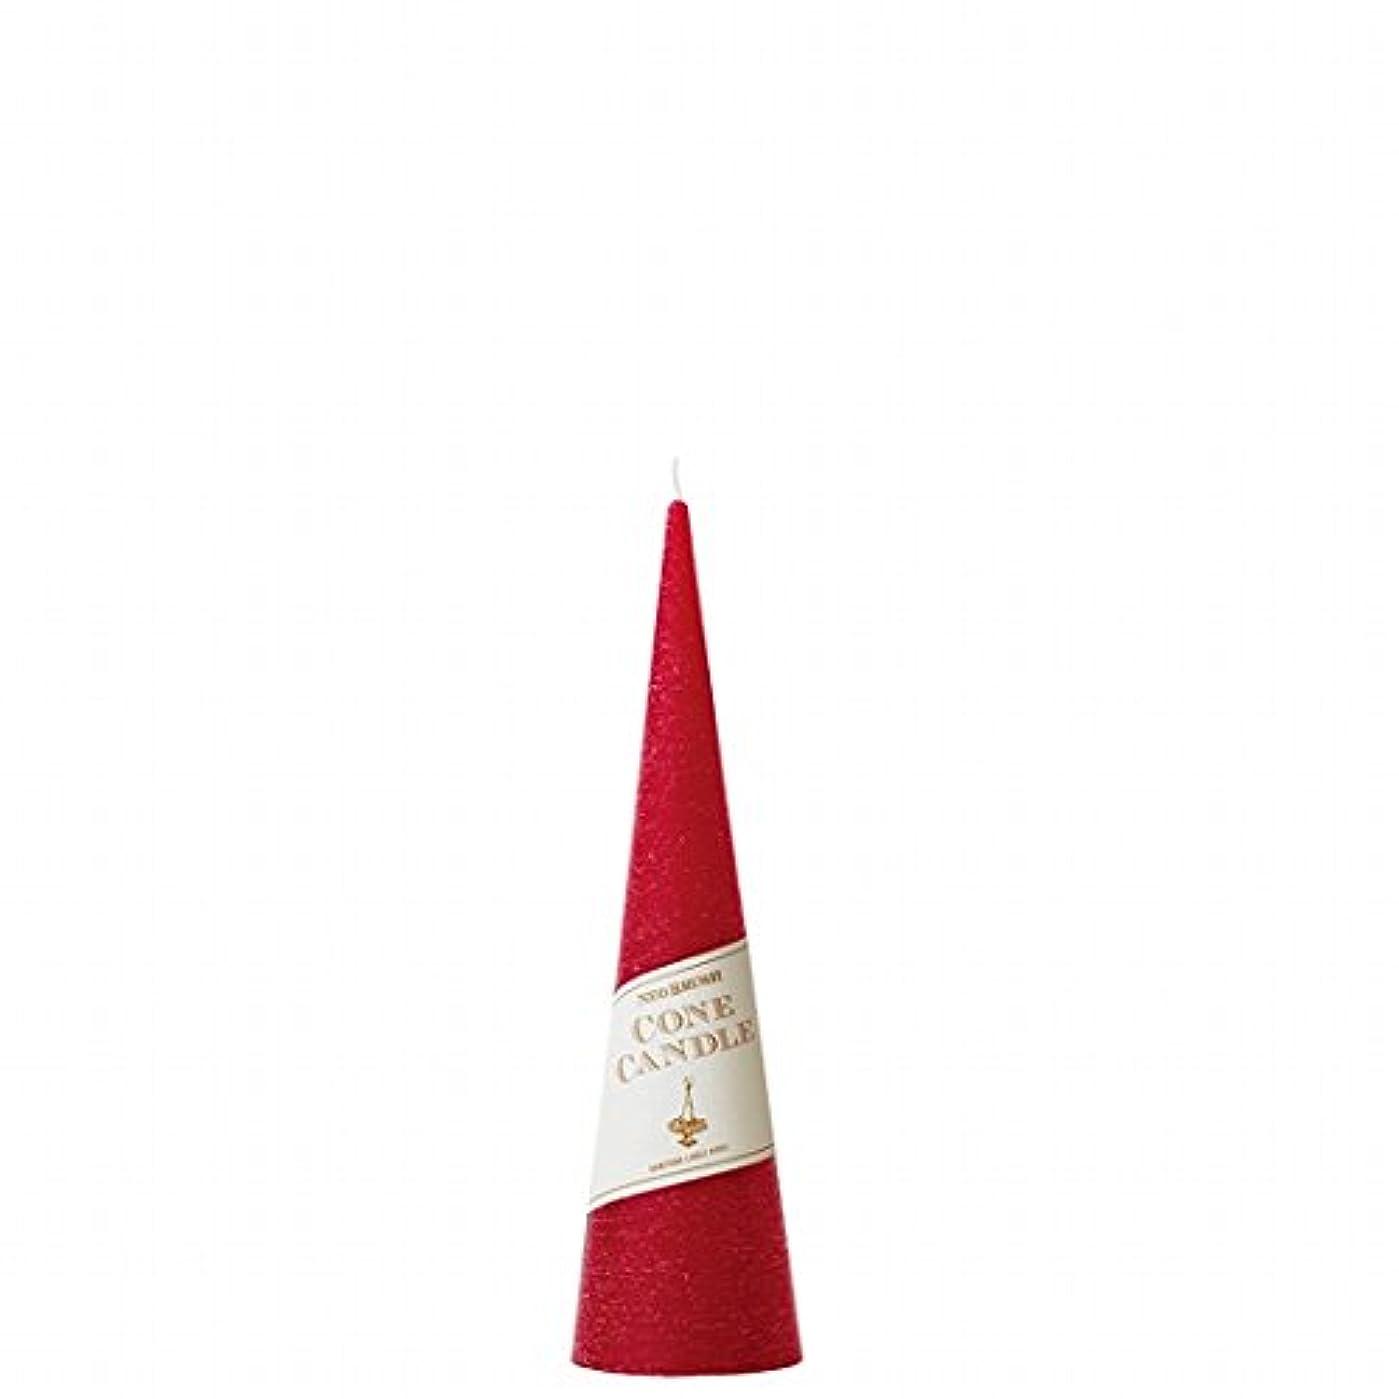 潤滑する薄いまろやかなkameyama candle(カメヤマキャンドル) ネオブラッシュコーン 180 キャンドル 「 レッド 」(A9750010R)